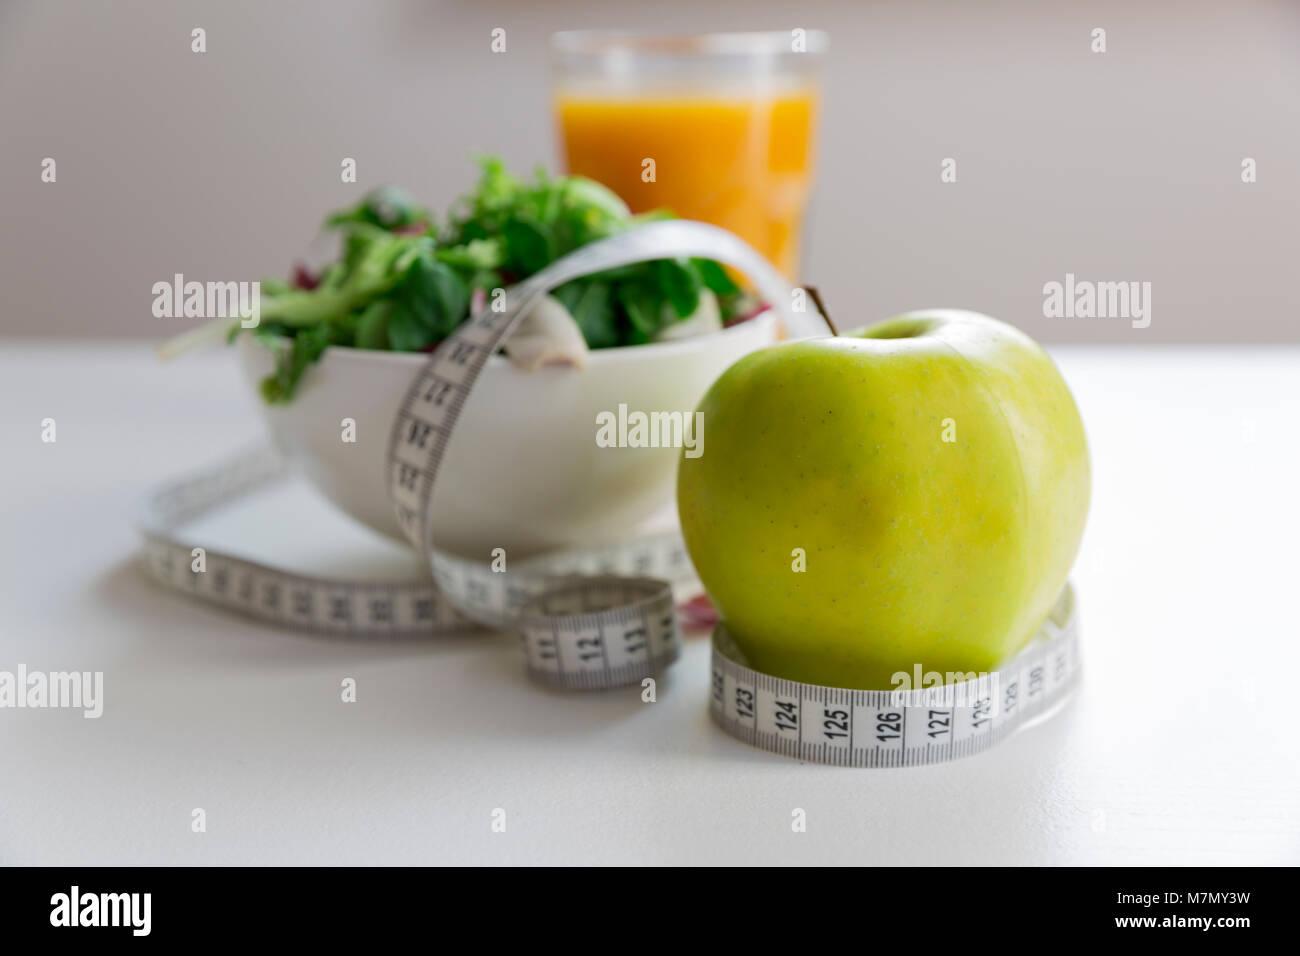 Cinta métrica alrededor de la manzana, un tazón de ensalada verde y un vaso de zumo. La pérdida de Imagen De Stock